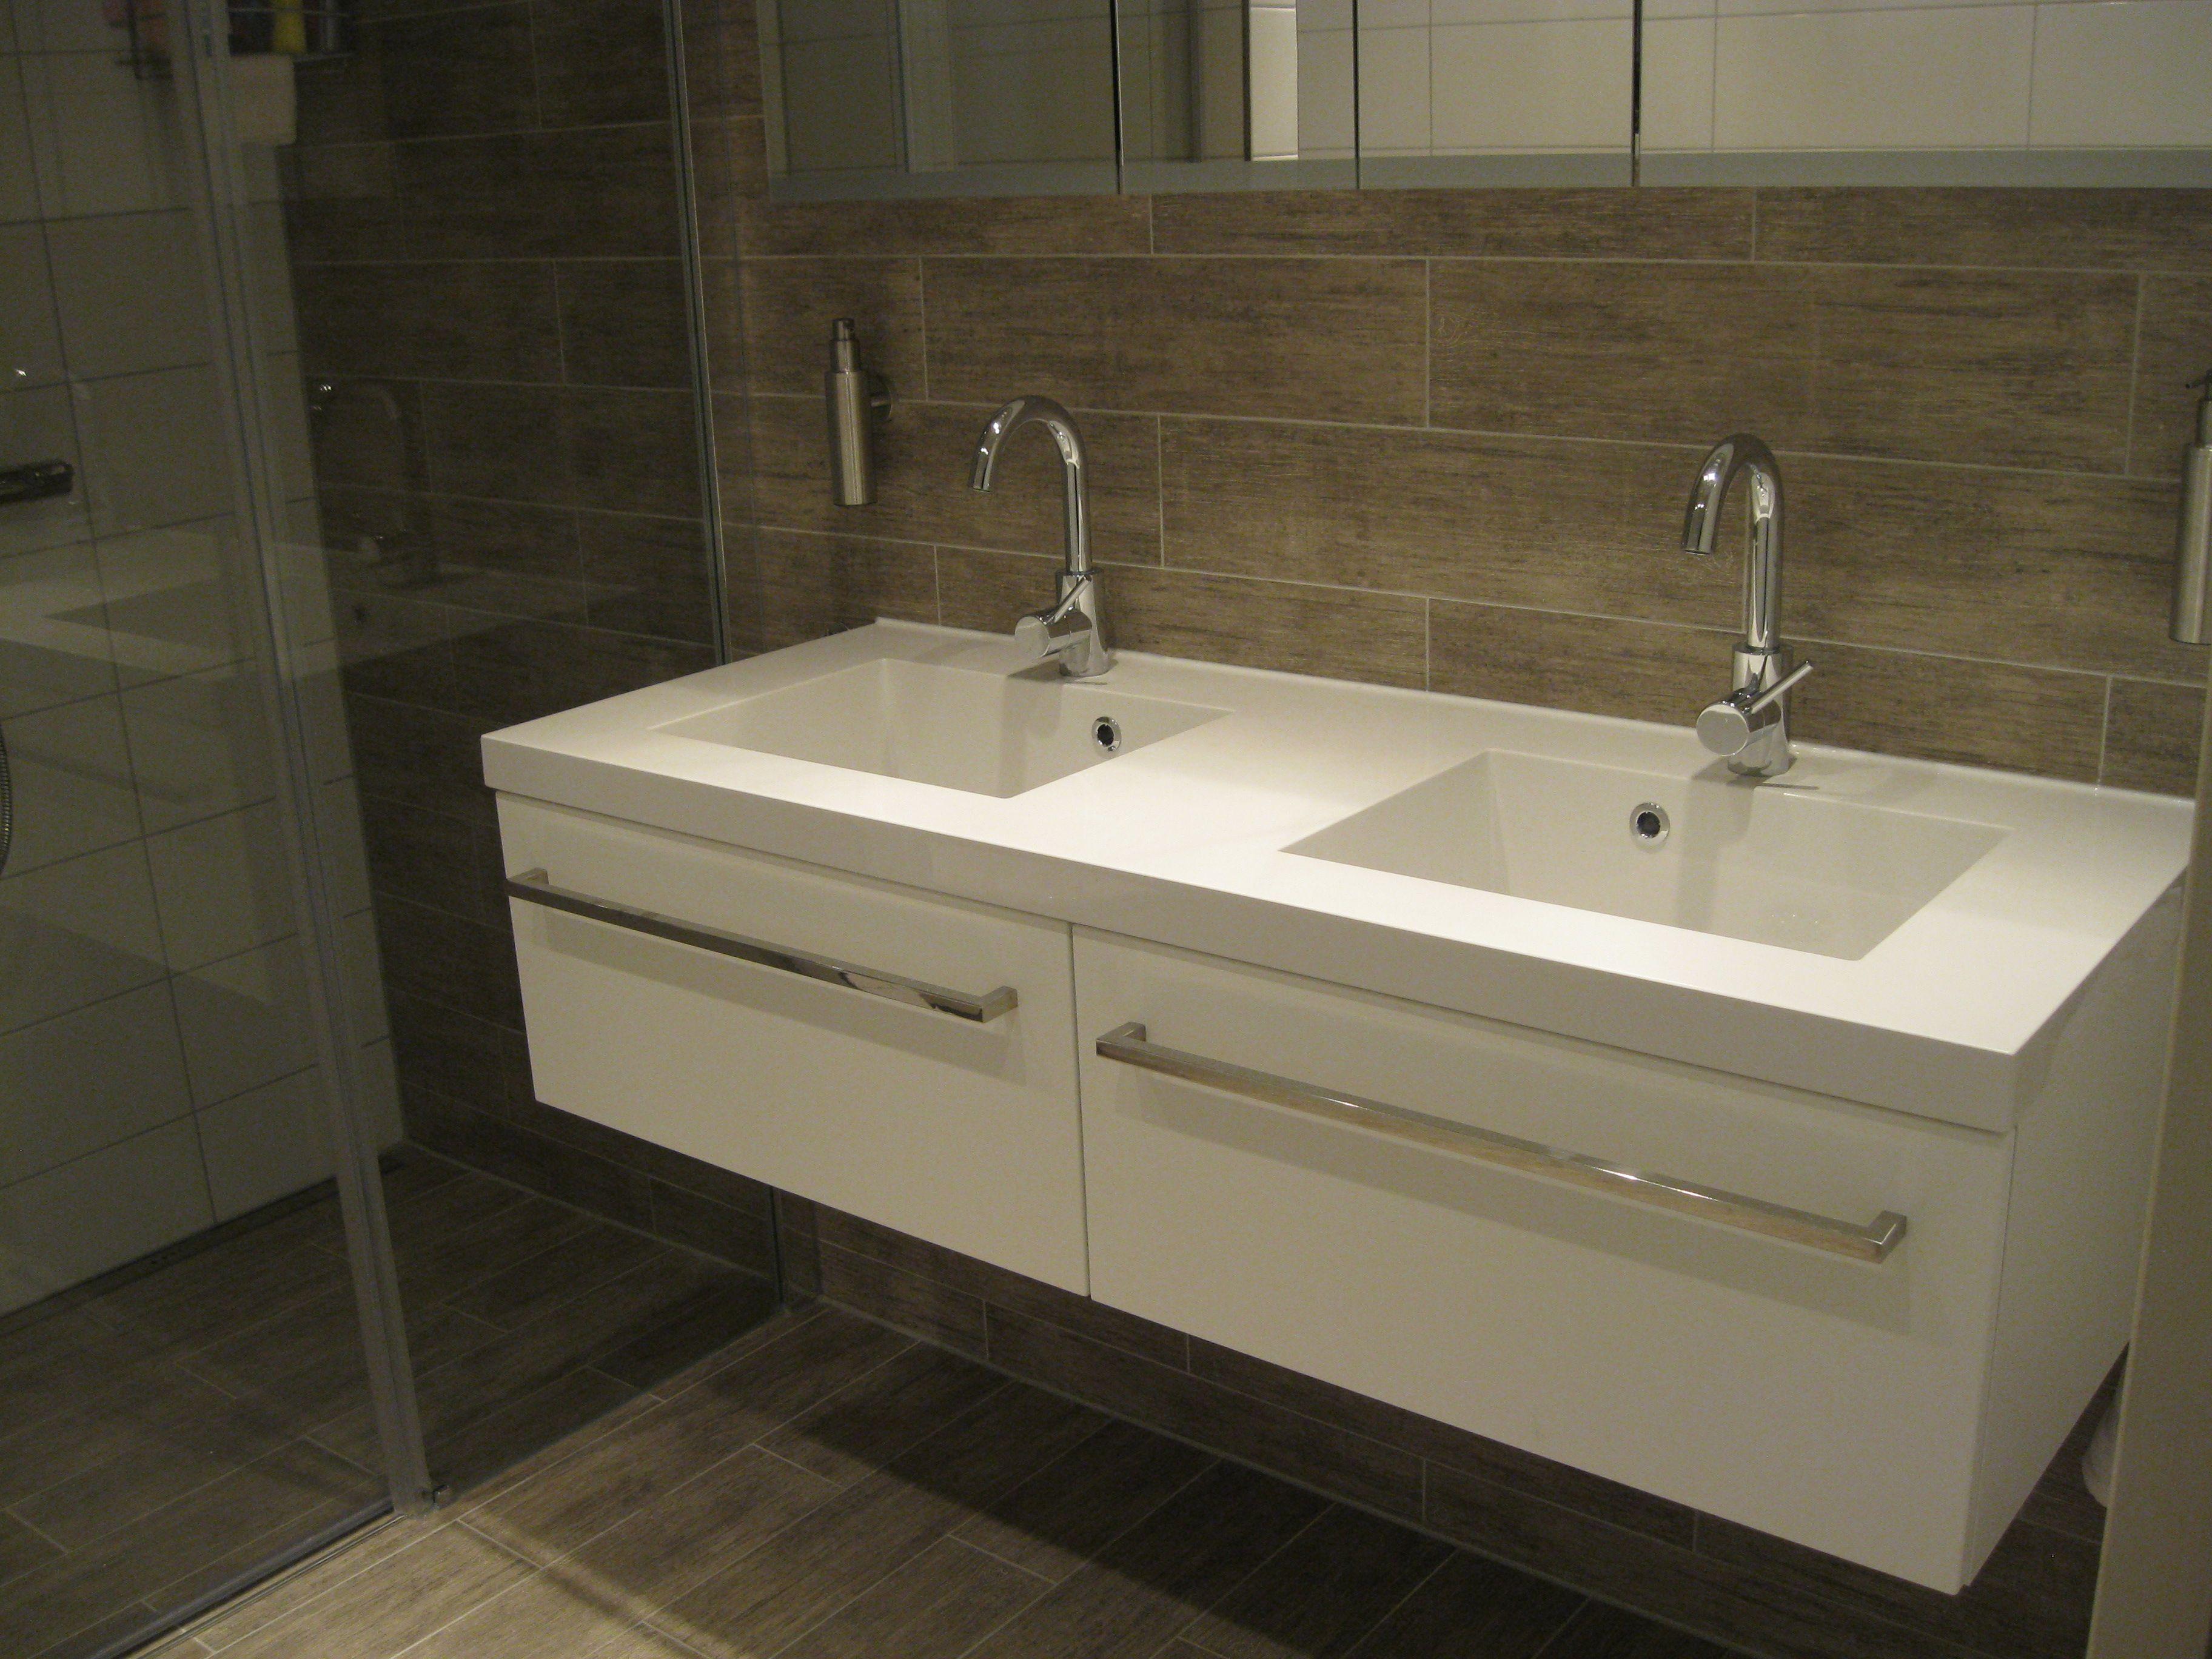 Keramisch Parket Badkamer : Keramisch parket wand badkamer google zoeken bathroom